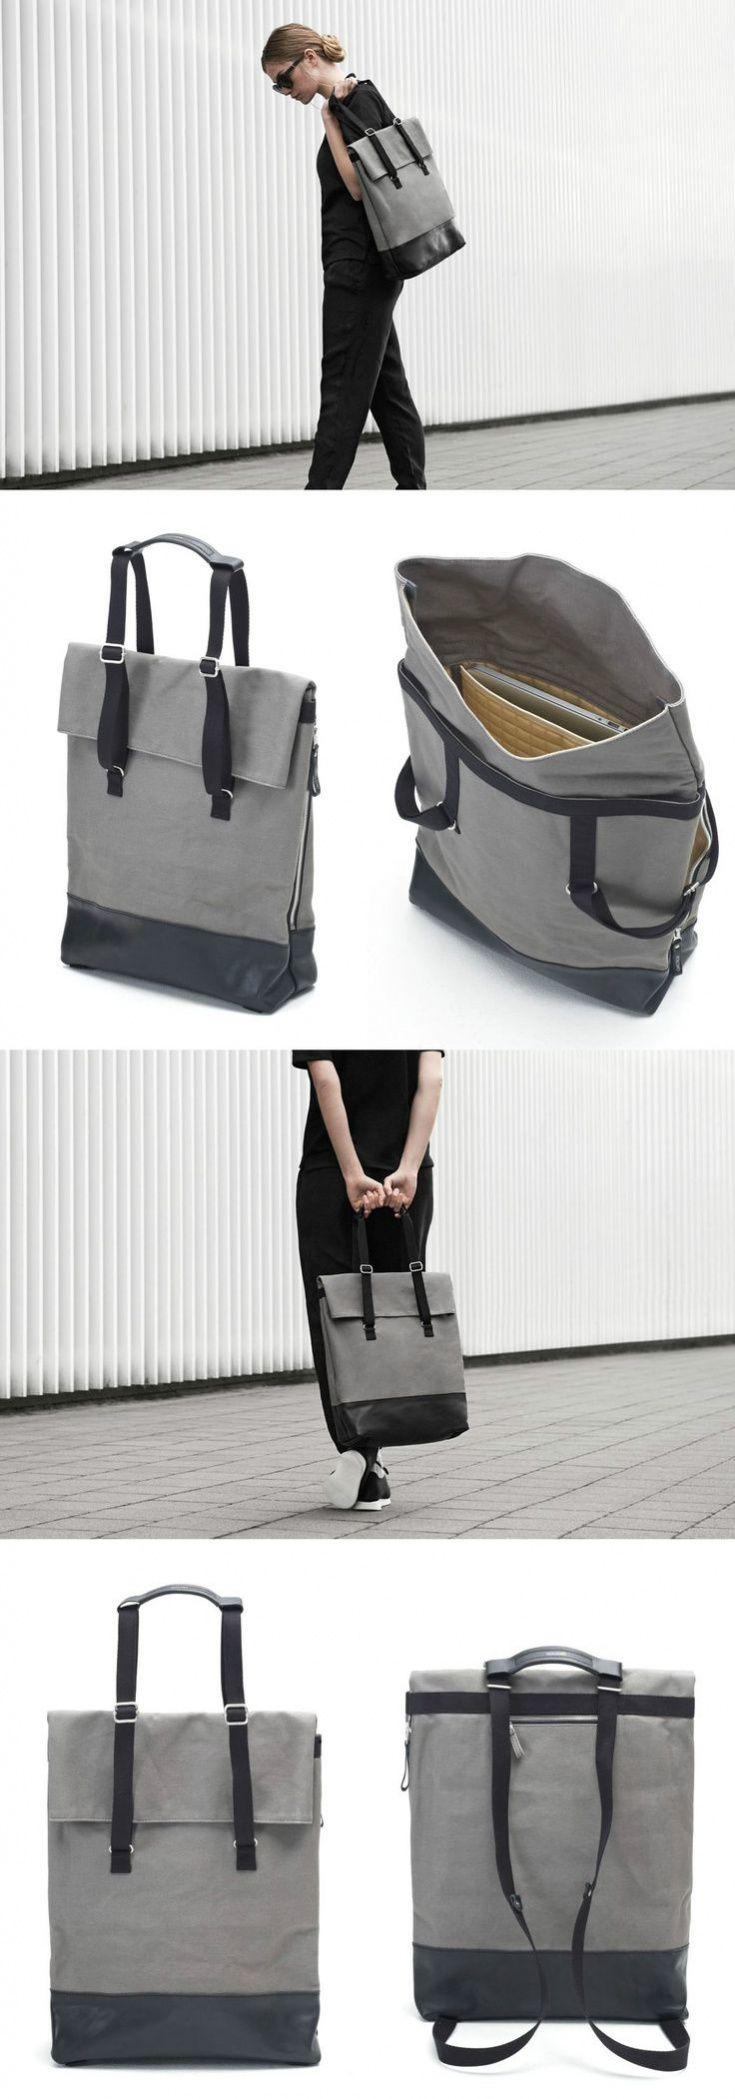 Необычные рюкзаки:   ÇANTA   Pinterest   Mochilas, Bolsos y Costura